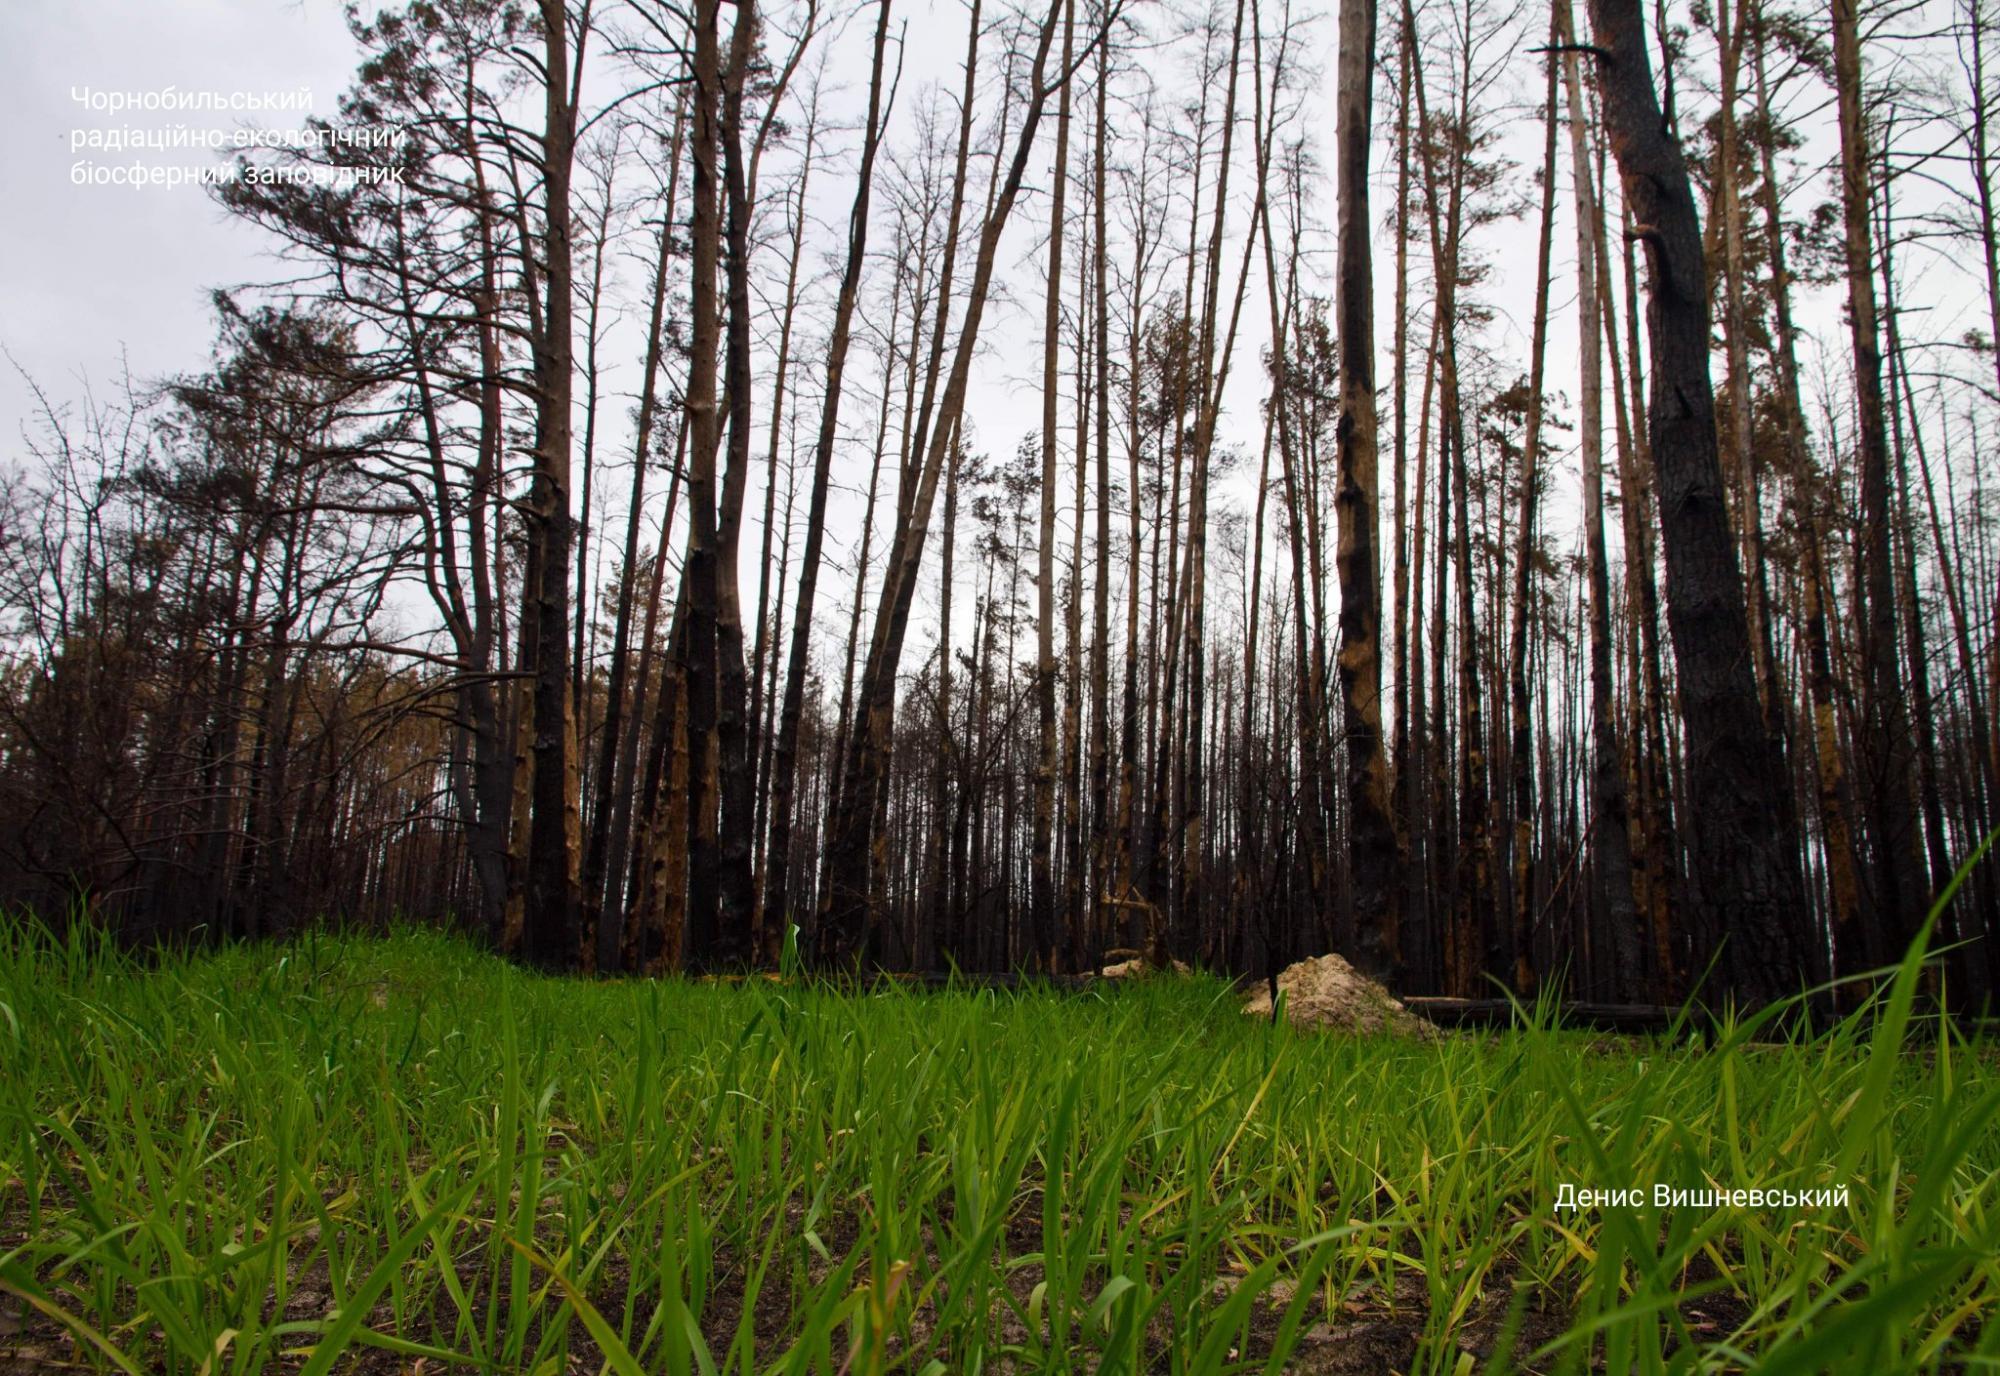 Чернобыль оживает после пожаров: новые фантастические снимки